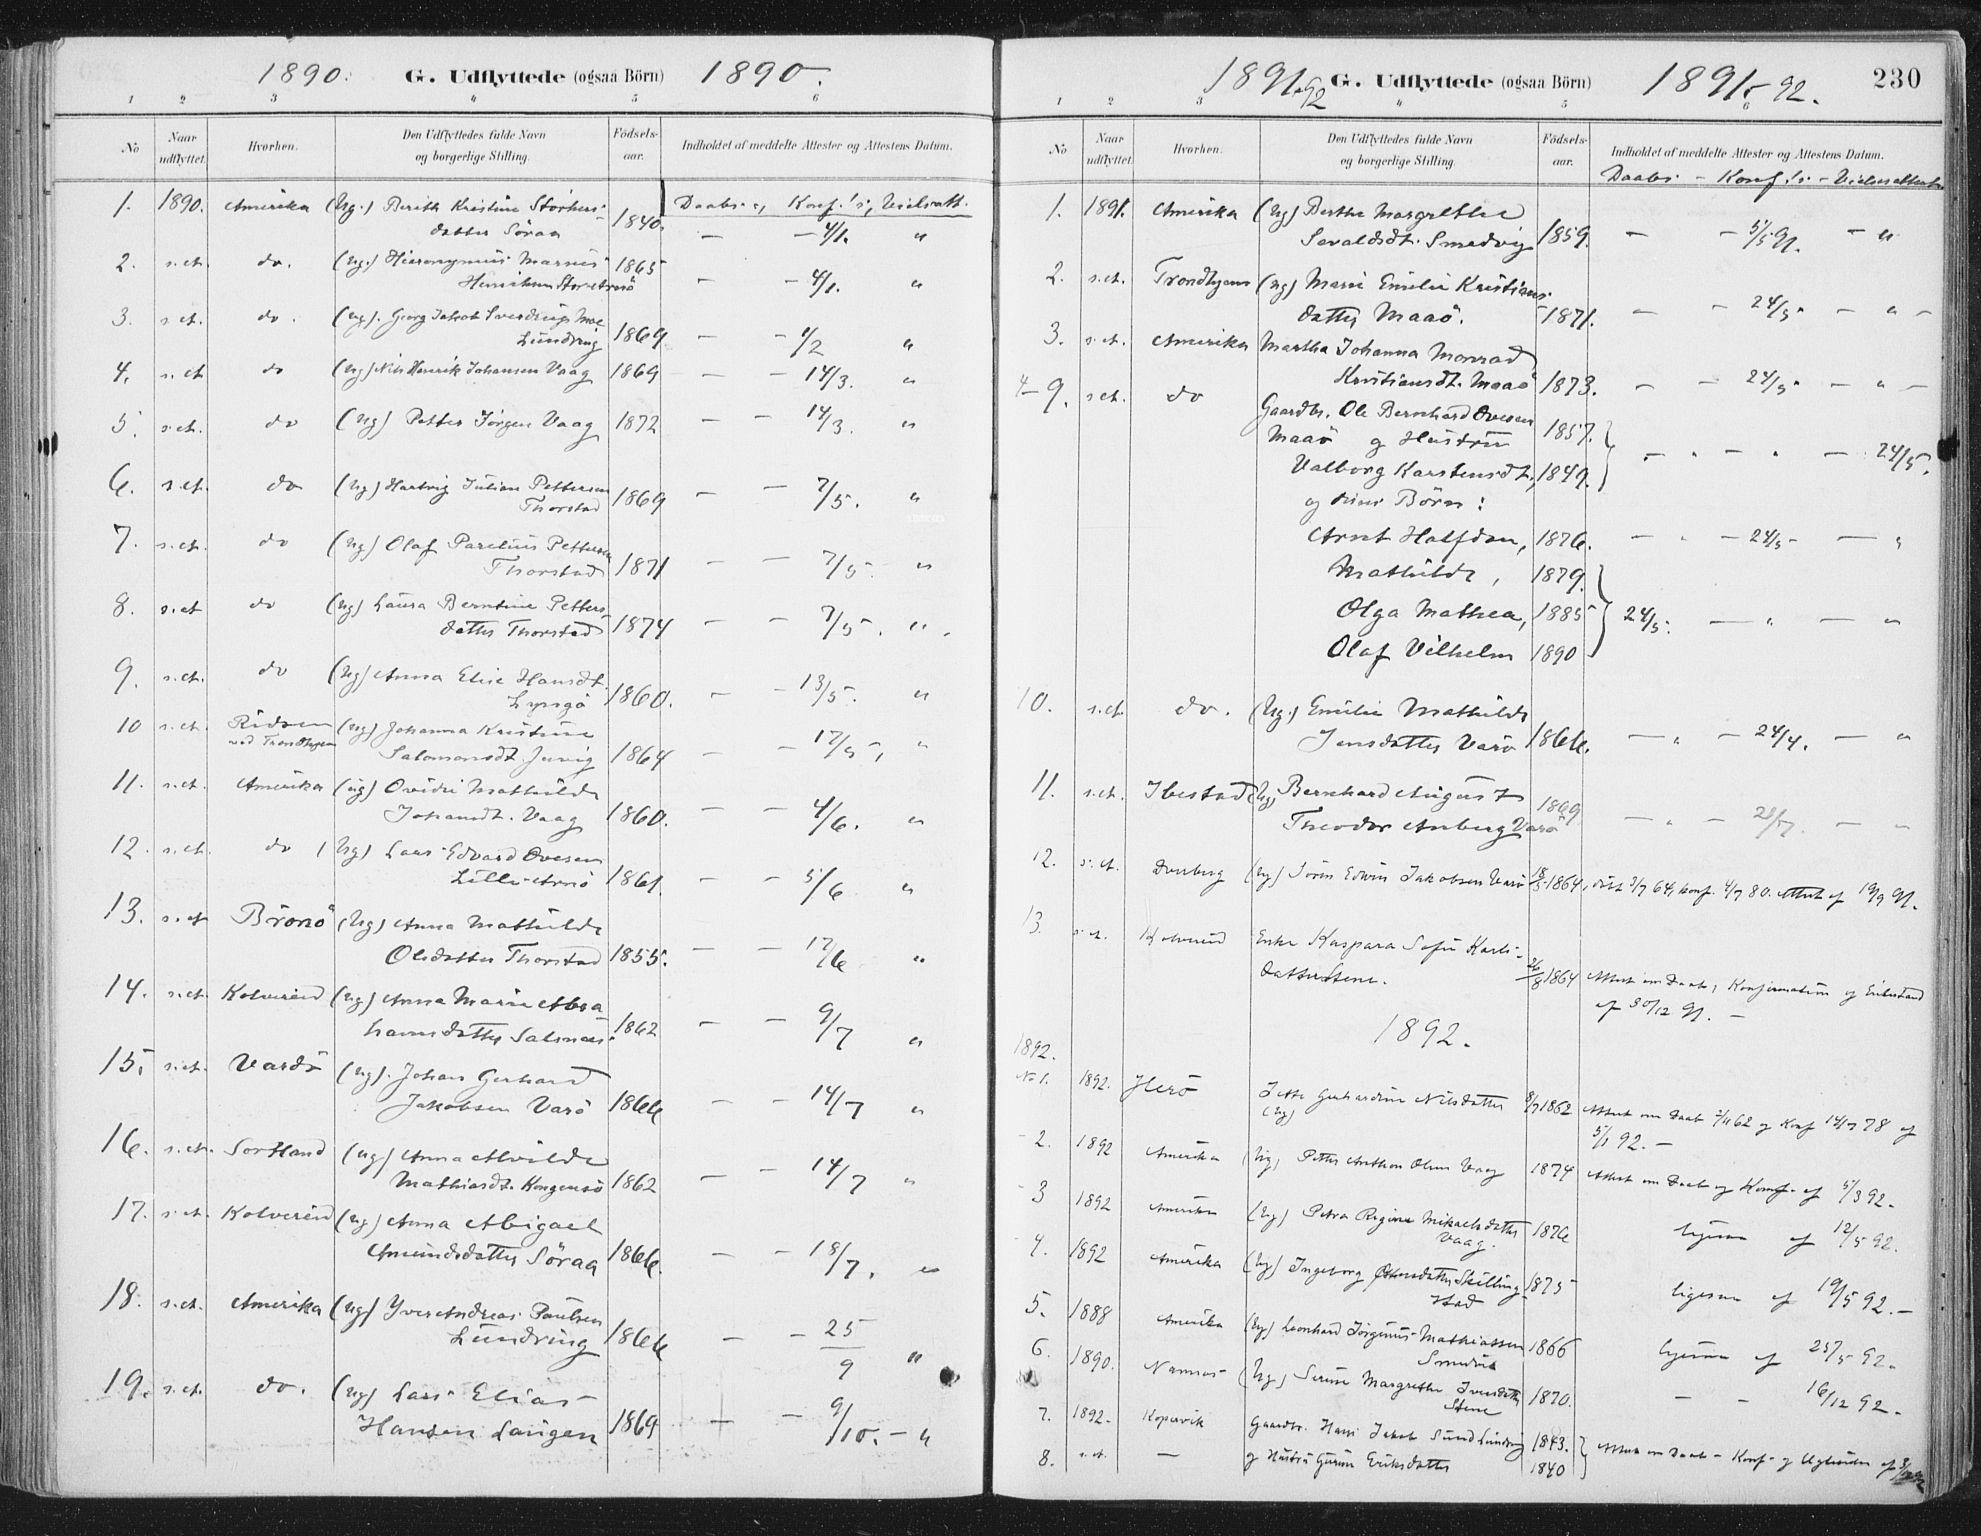 SAT, Ministerialprotokoller, klokkerbøker og fødselsregistre - Nord-Trøndelag, 784/L0673: Ministerialbok nr. 784A08, 1888-1899, s. 230